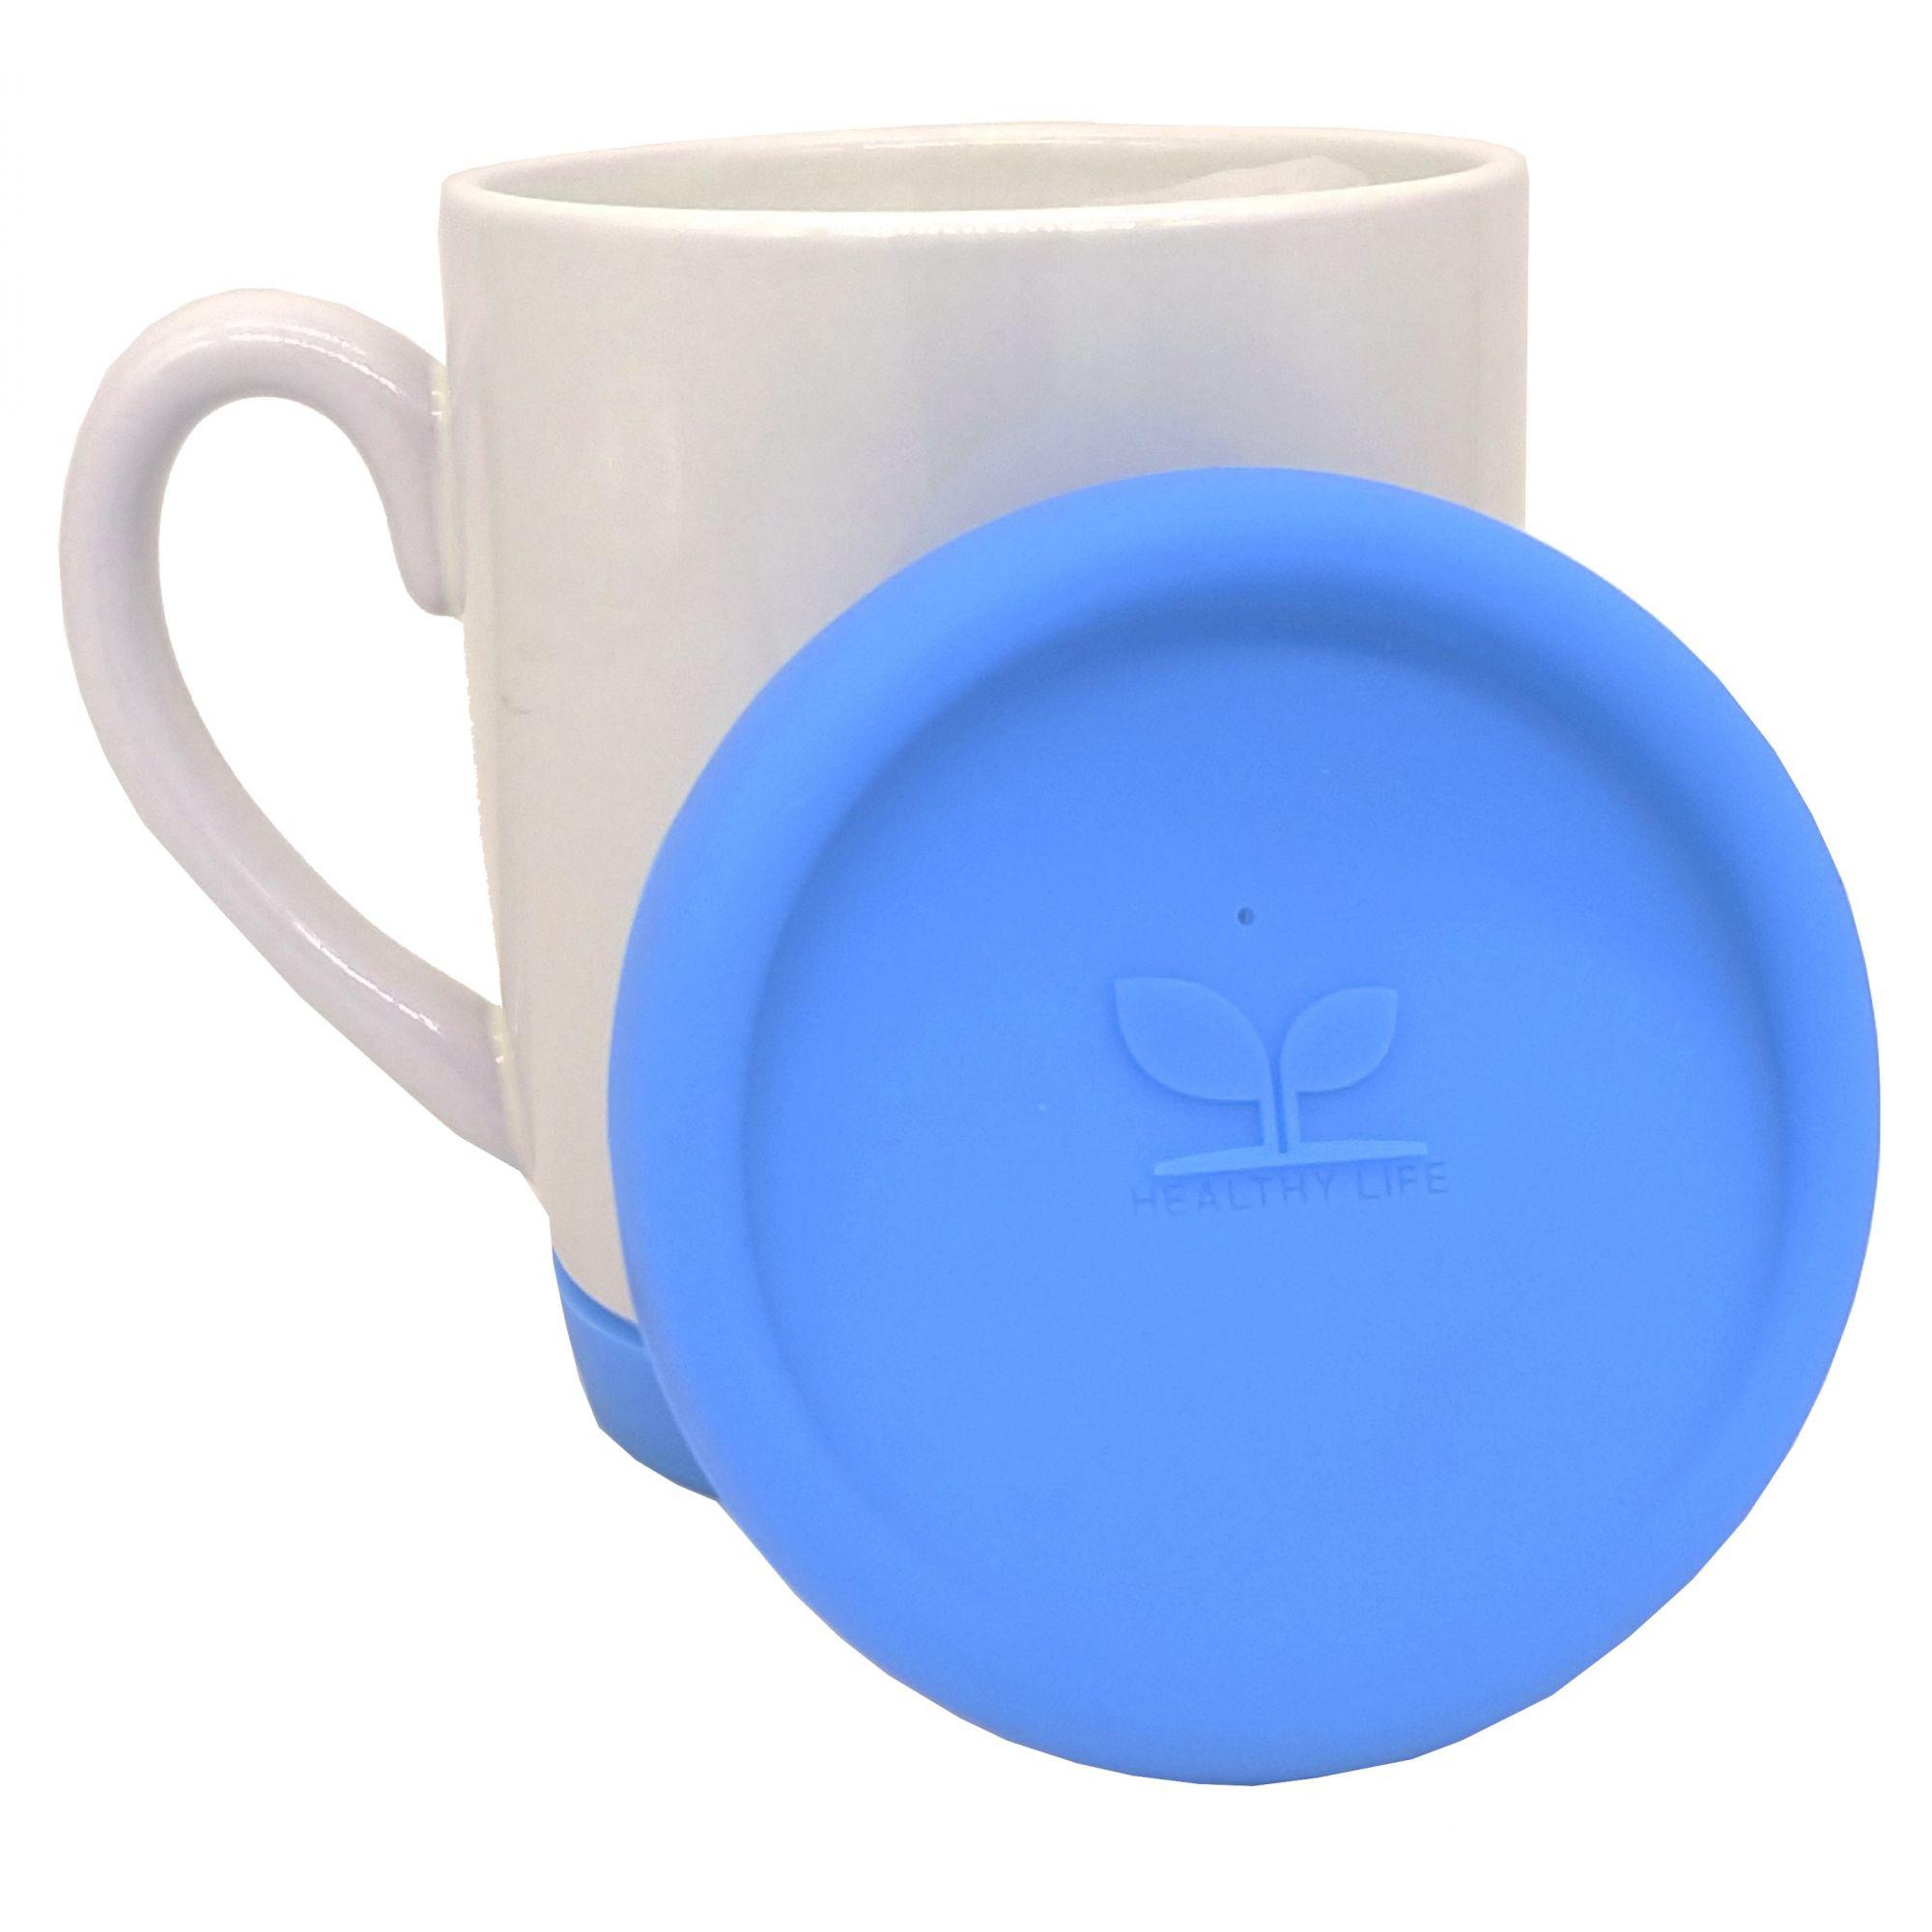 Caneca de cerâmica com tampa e base de silicone Azul Claro - Classe A  - ALFANETI COMERCIO DE MIDIAS E SUBLIMAÇÃO LTDA-ME